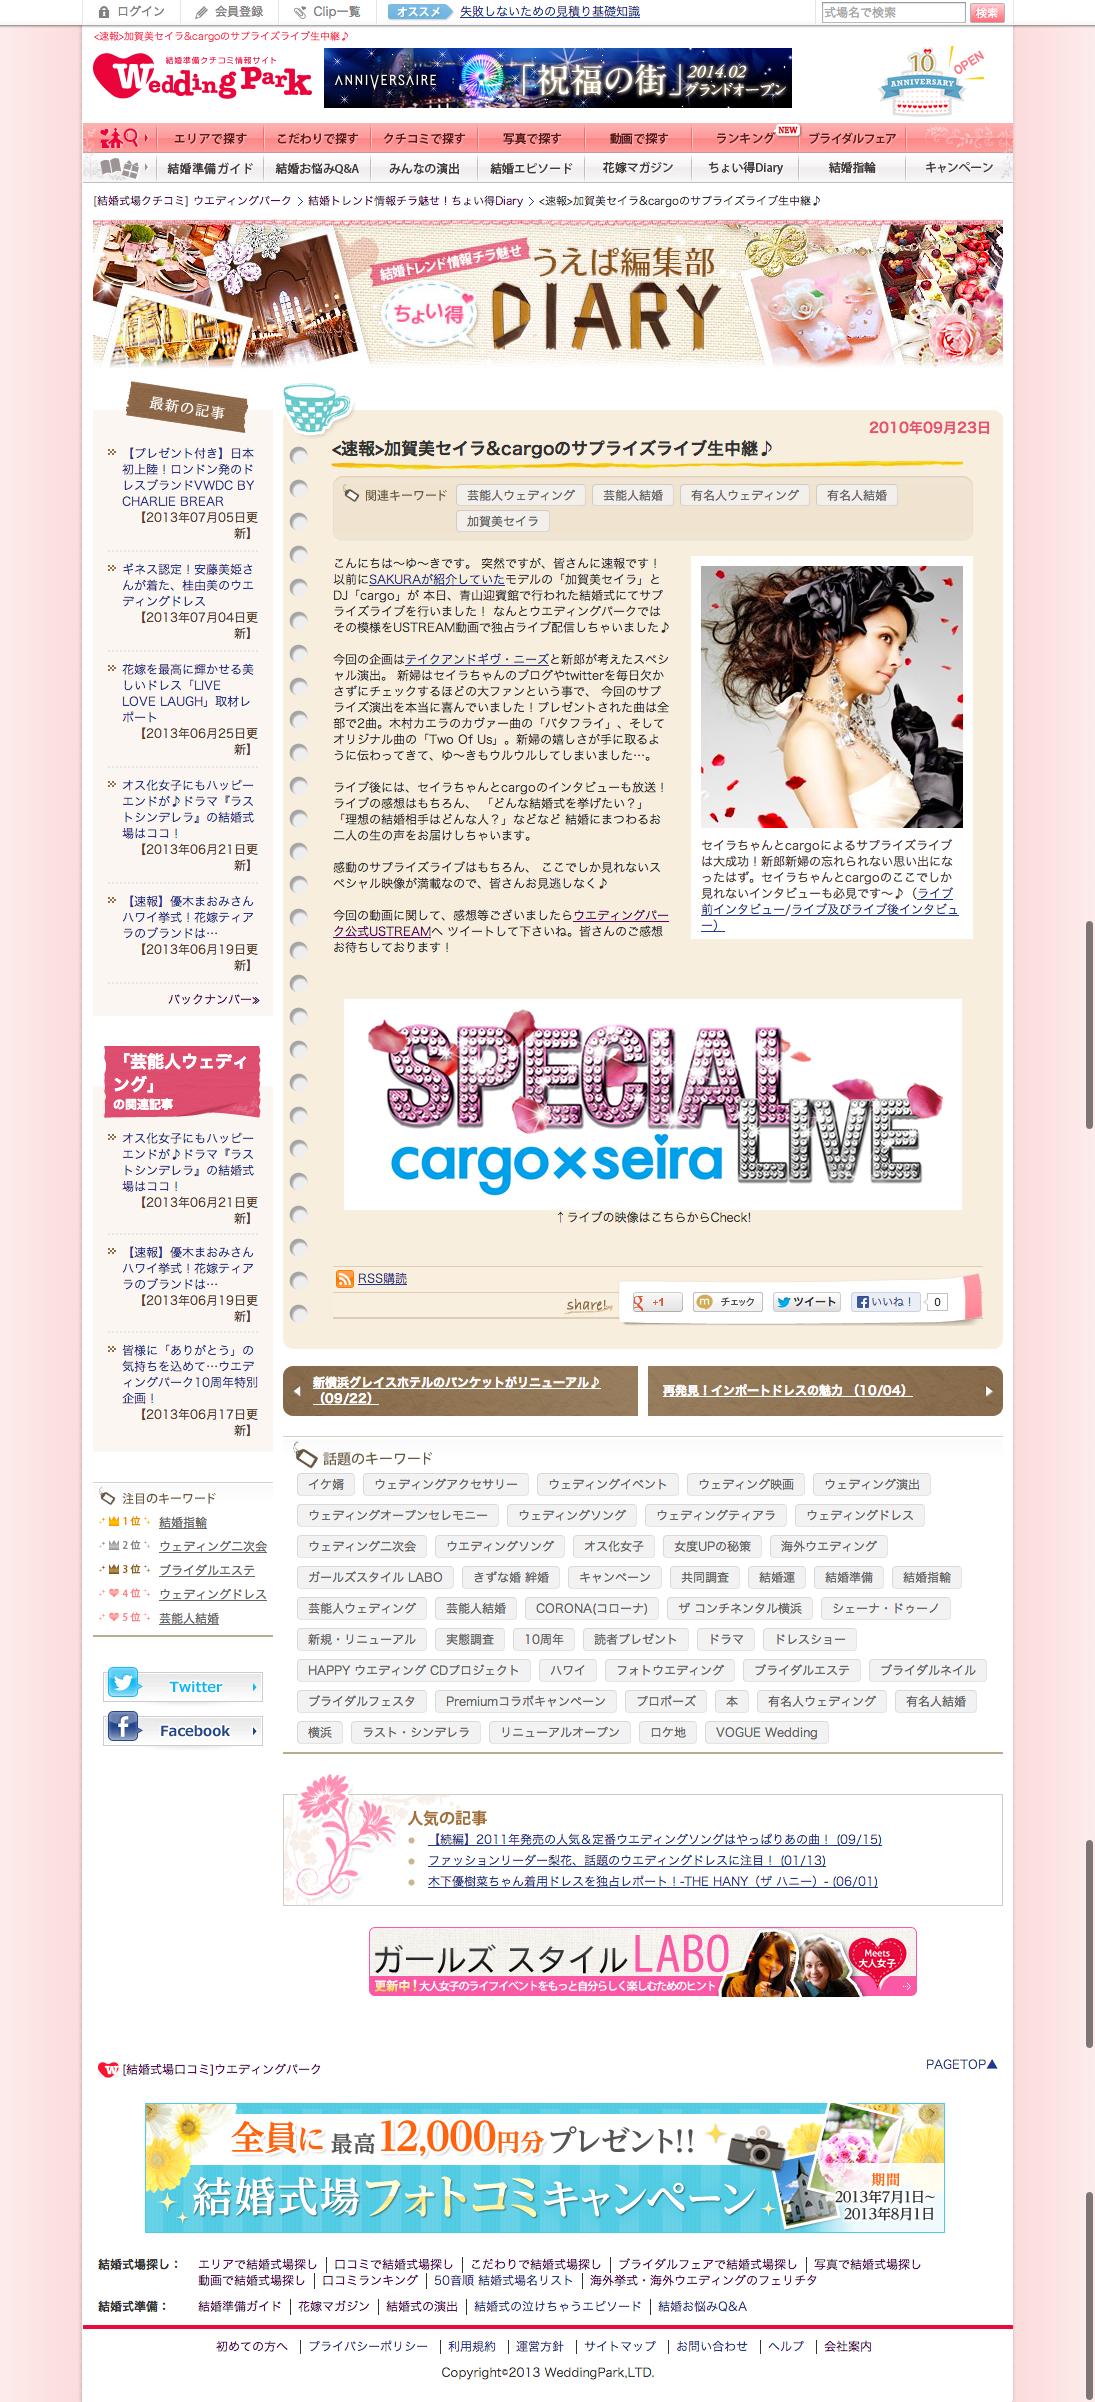 速報 加賀美セイラ cargoのサプライズライブ生中継♪【ウエディングパーク】